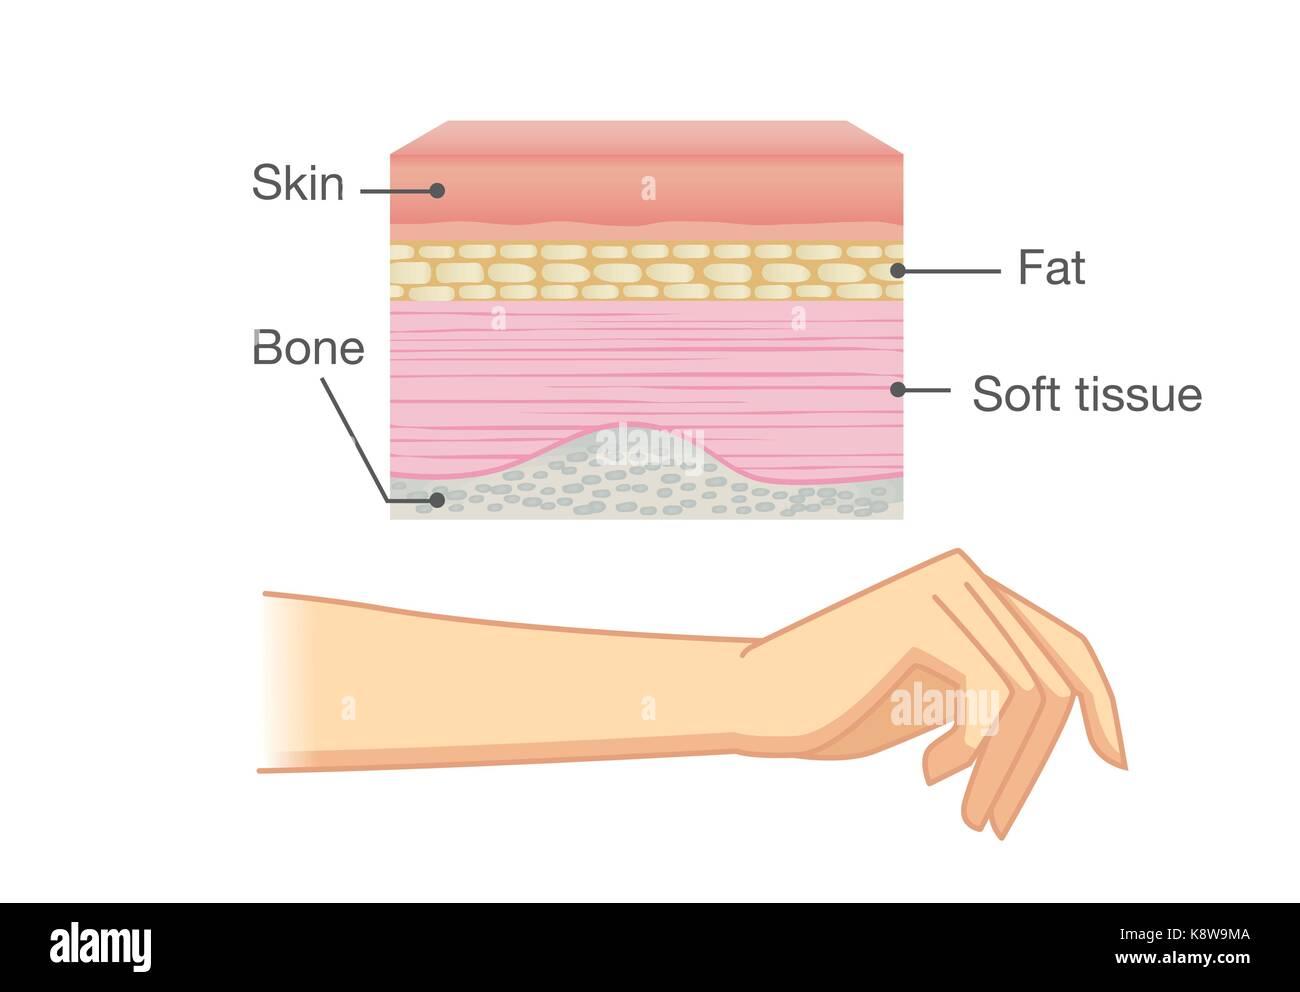 Anatomie der menschlichen Haut und Arm Vektor Abbildung - Bild ...